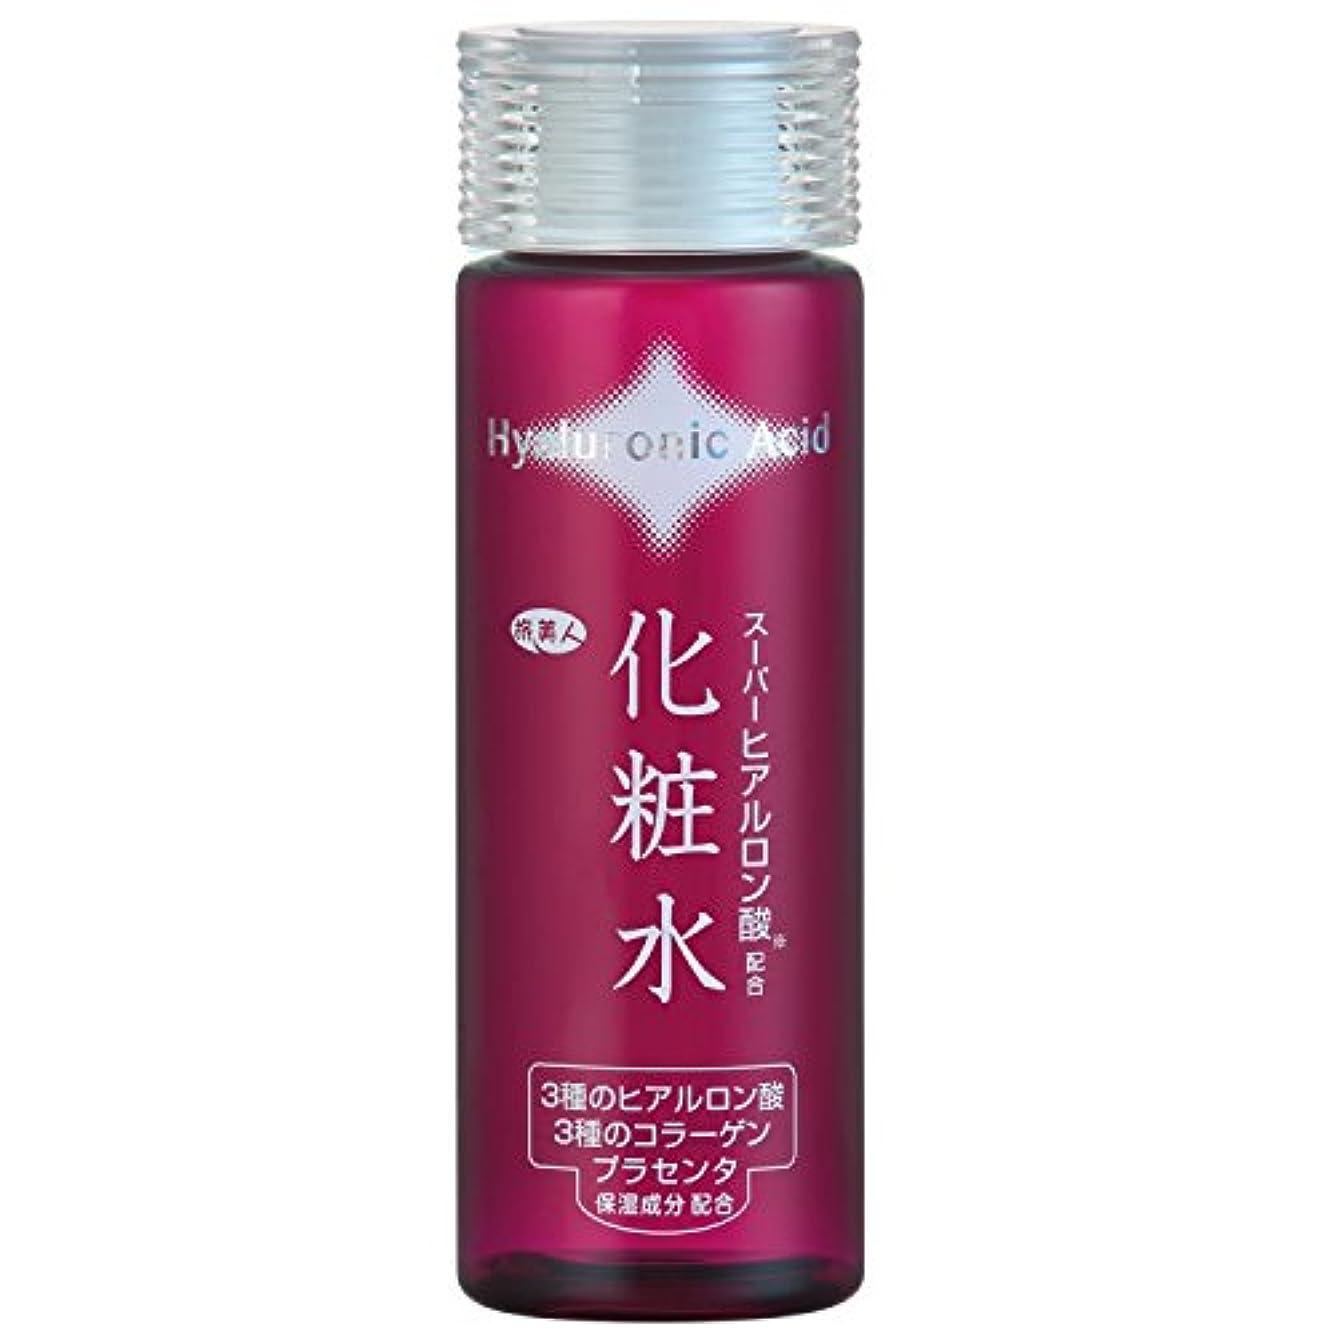 に向かって変位アクセントアズマ商事のスーパーヒアルロン酸配合化粧水